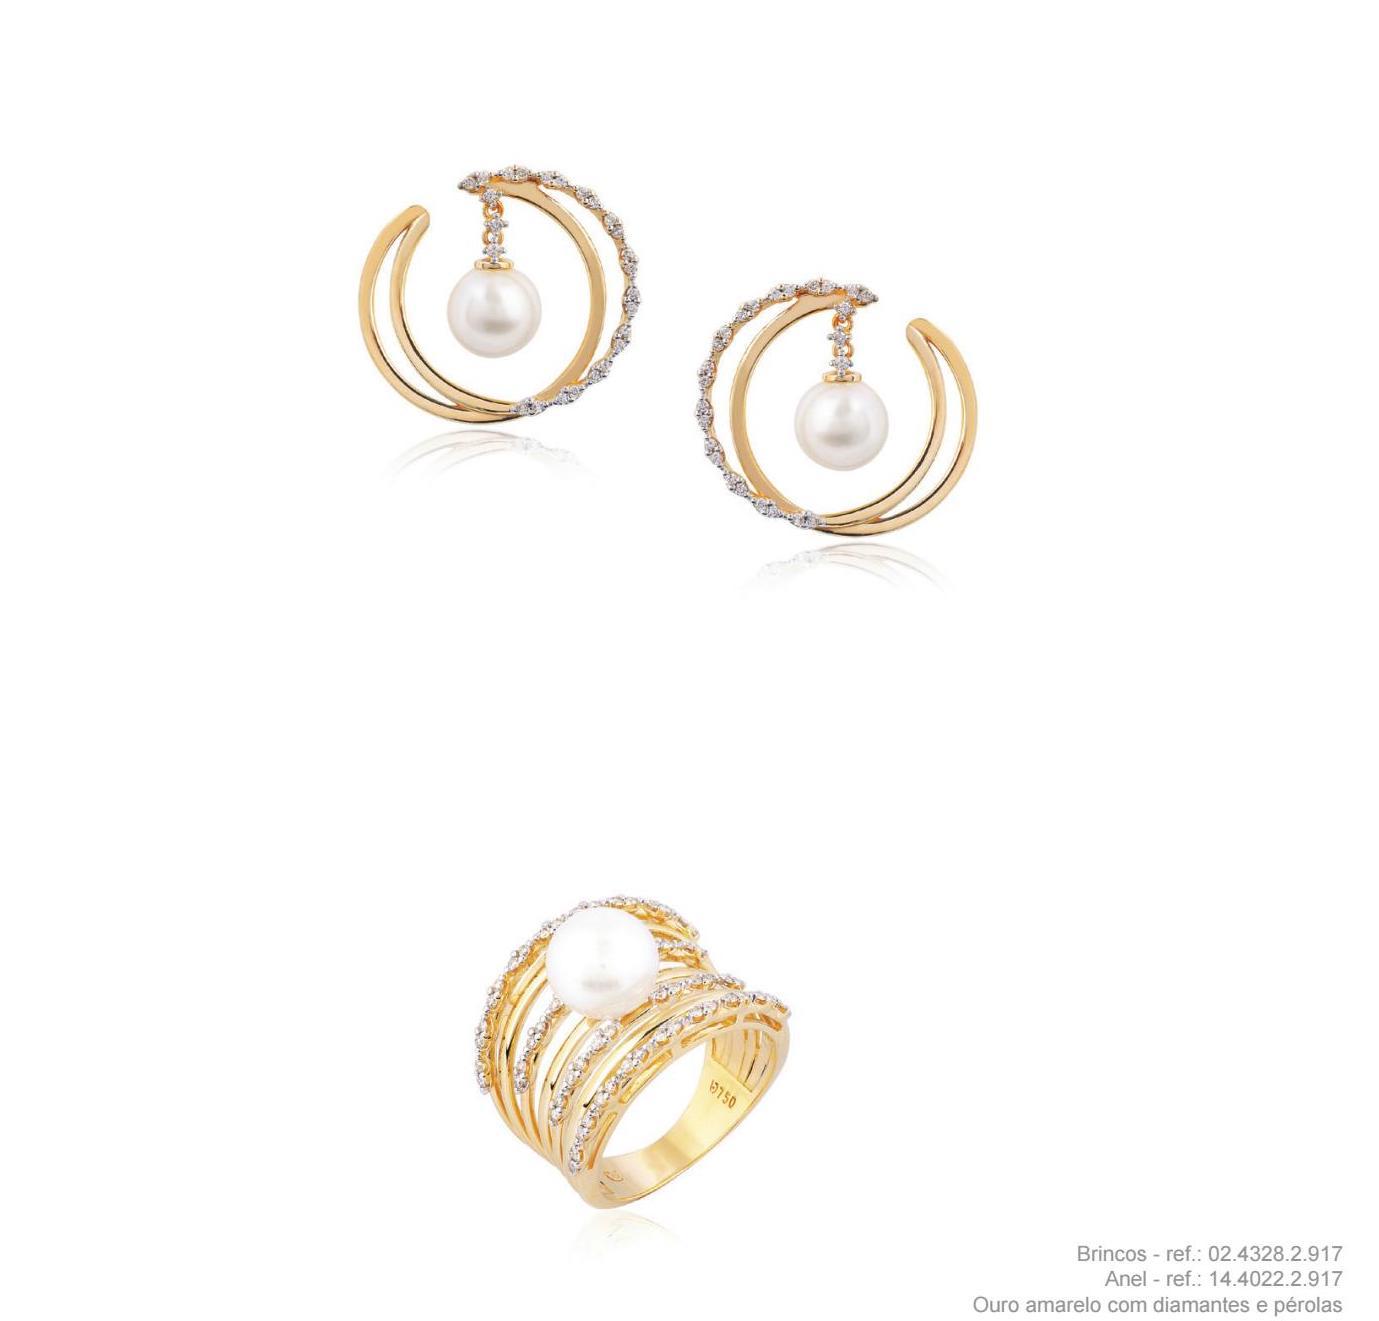 fdadb24ef1b68 Conjunto brincos e anel em ouro amarelo 18k com diamantes e pérolas ...